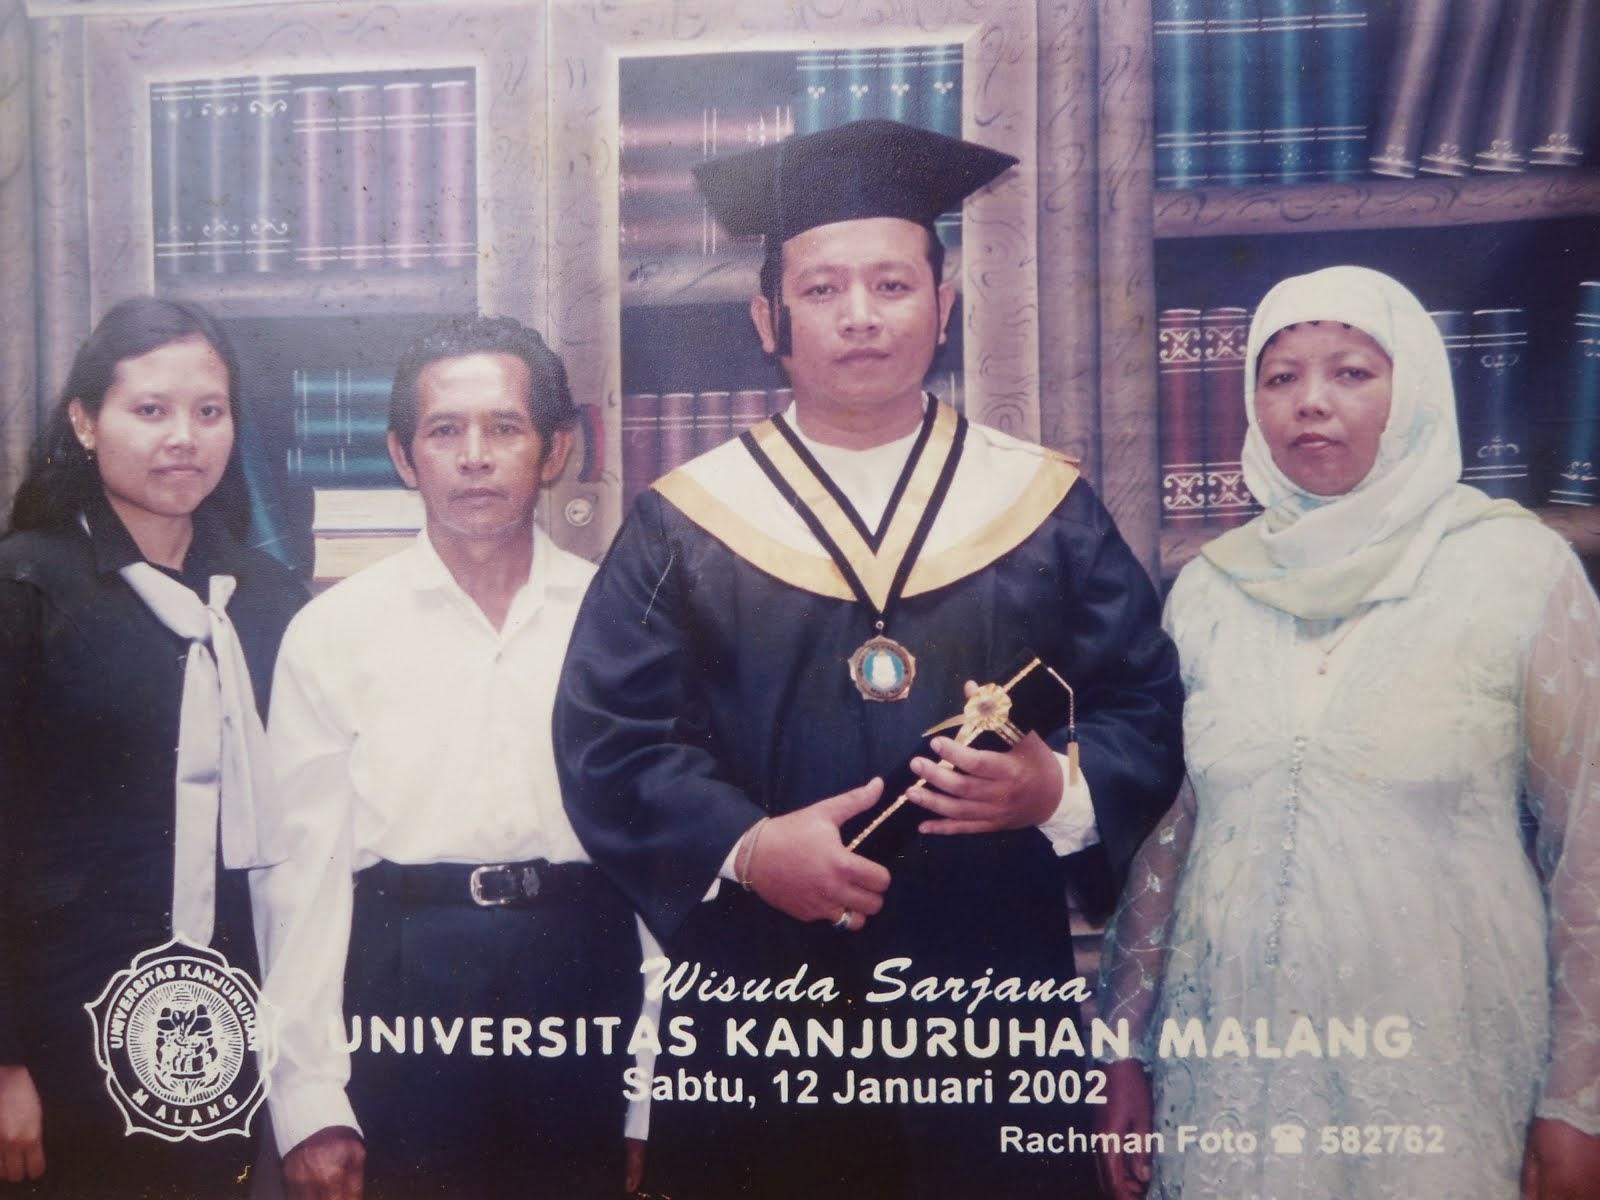 Wisuda Sarjana Strata satu Univ. Kanjuruhan Malang